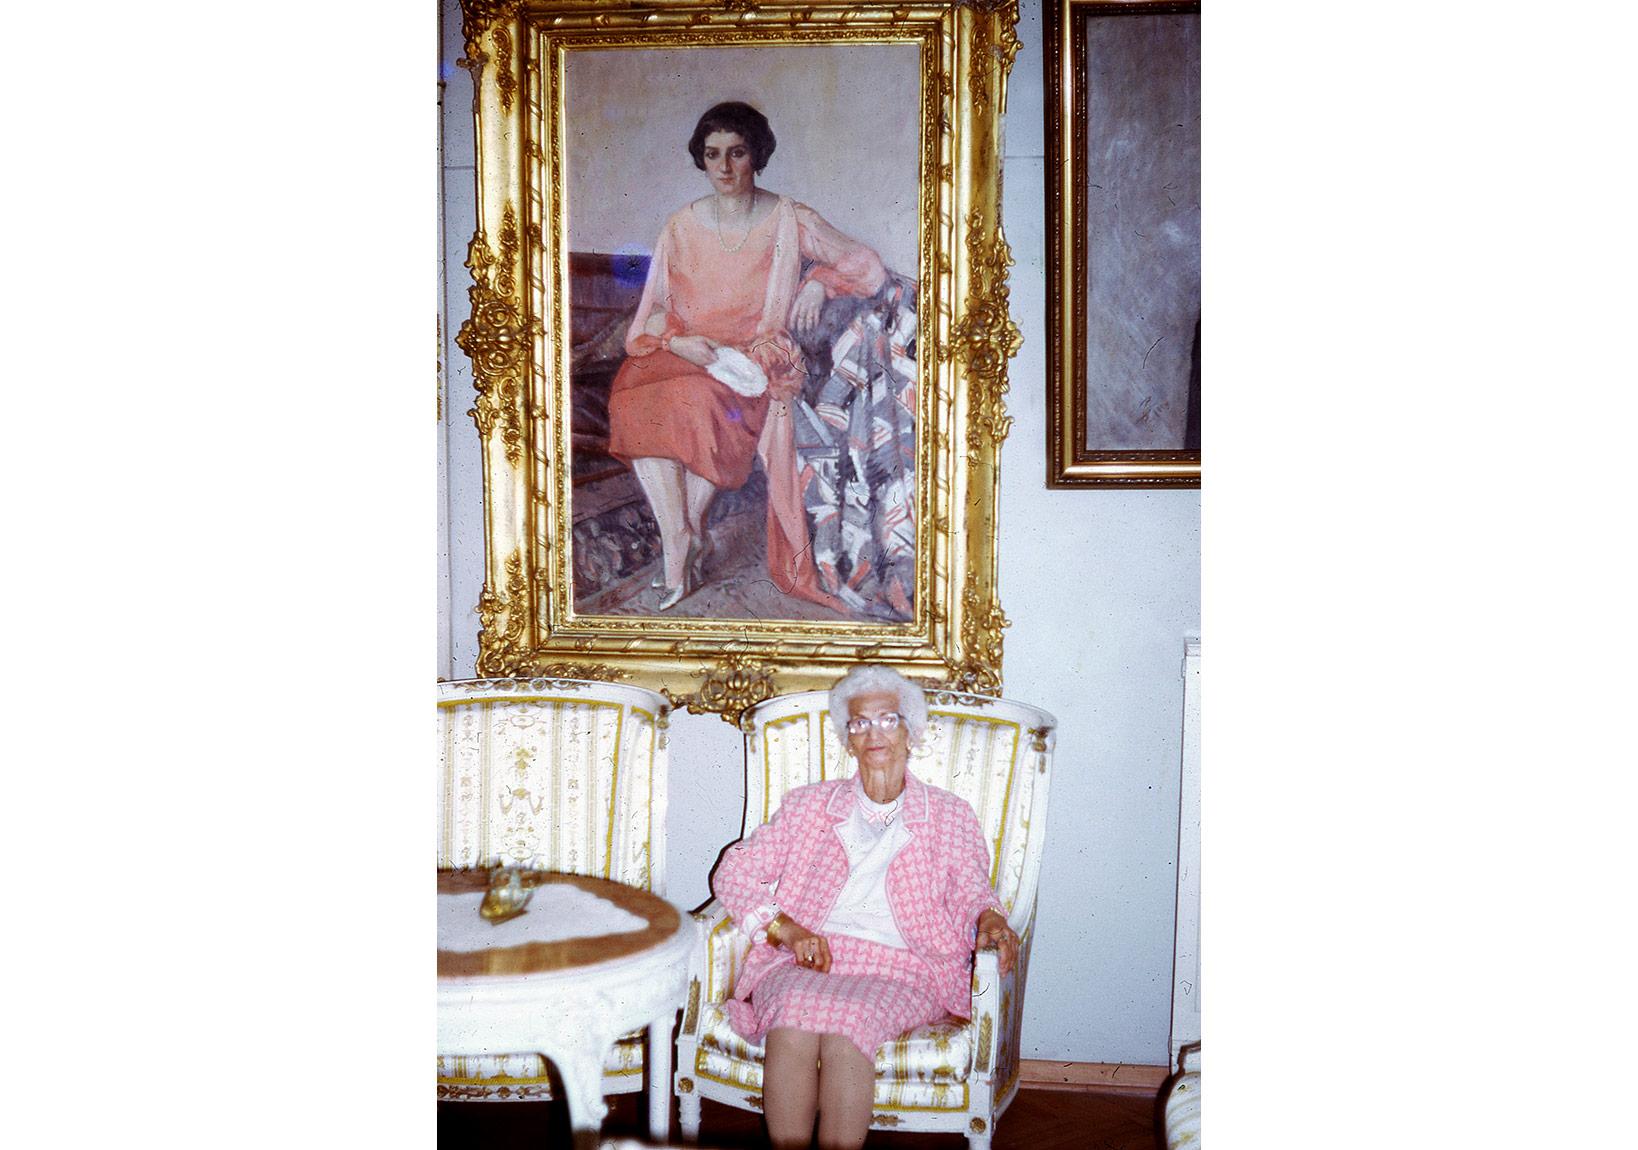 Anneannem 80 yaşında arkada Çallı'nın yaptığı portre